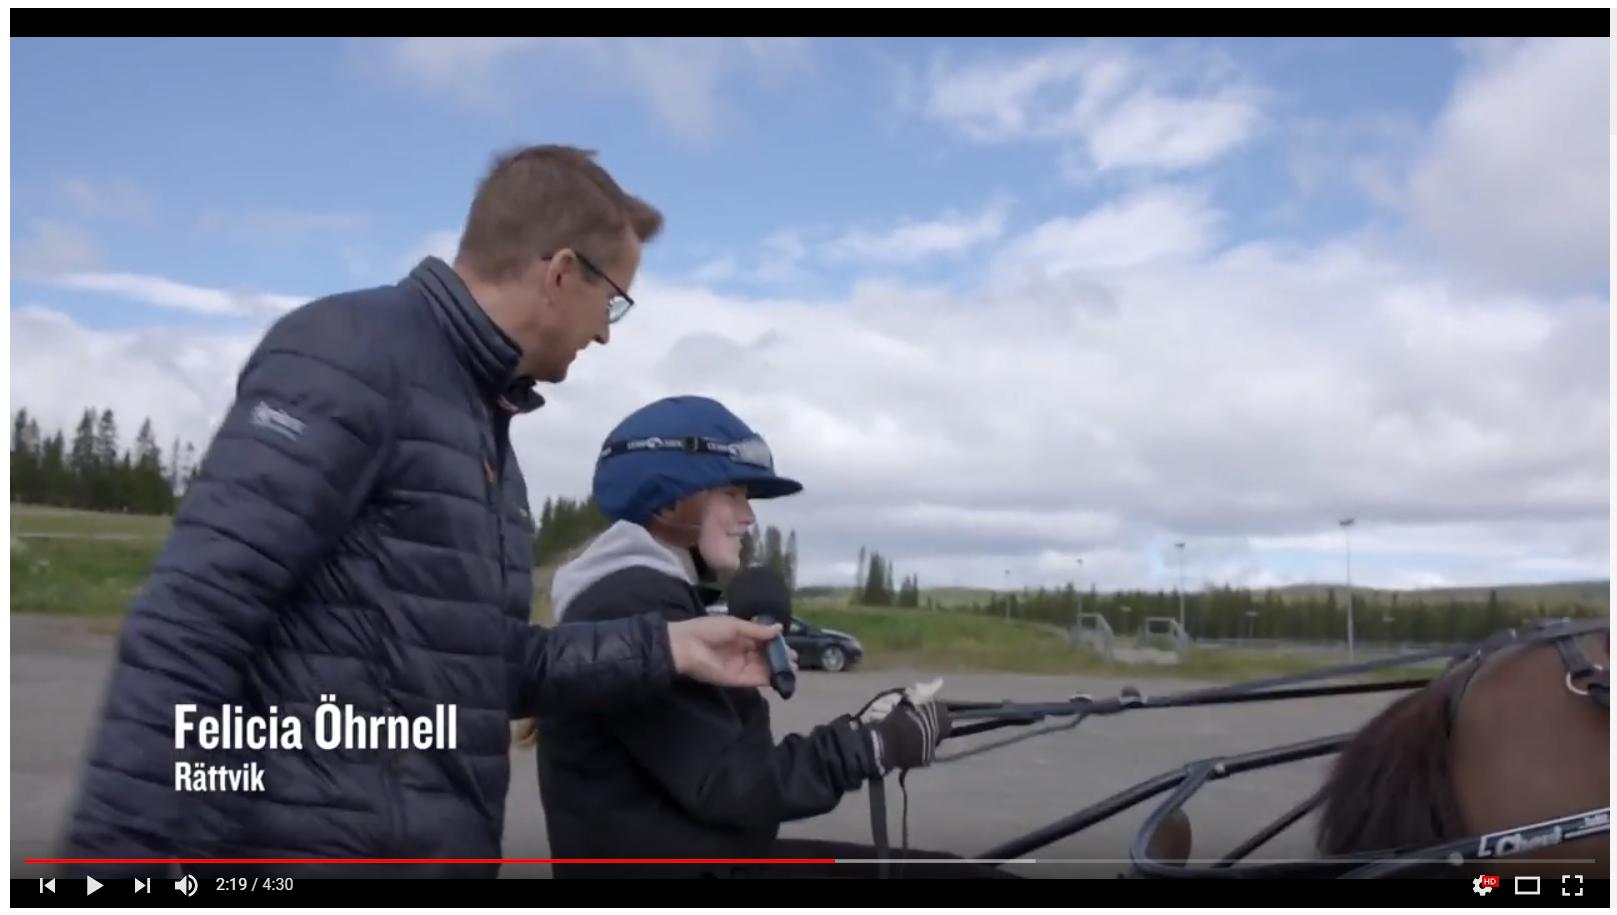 Bild från filmen om PonnyElitVeckan 2017 när kusken Felicia Öhrnell blir intervjudad.